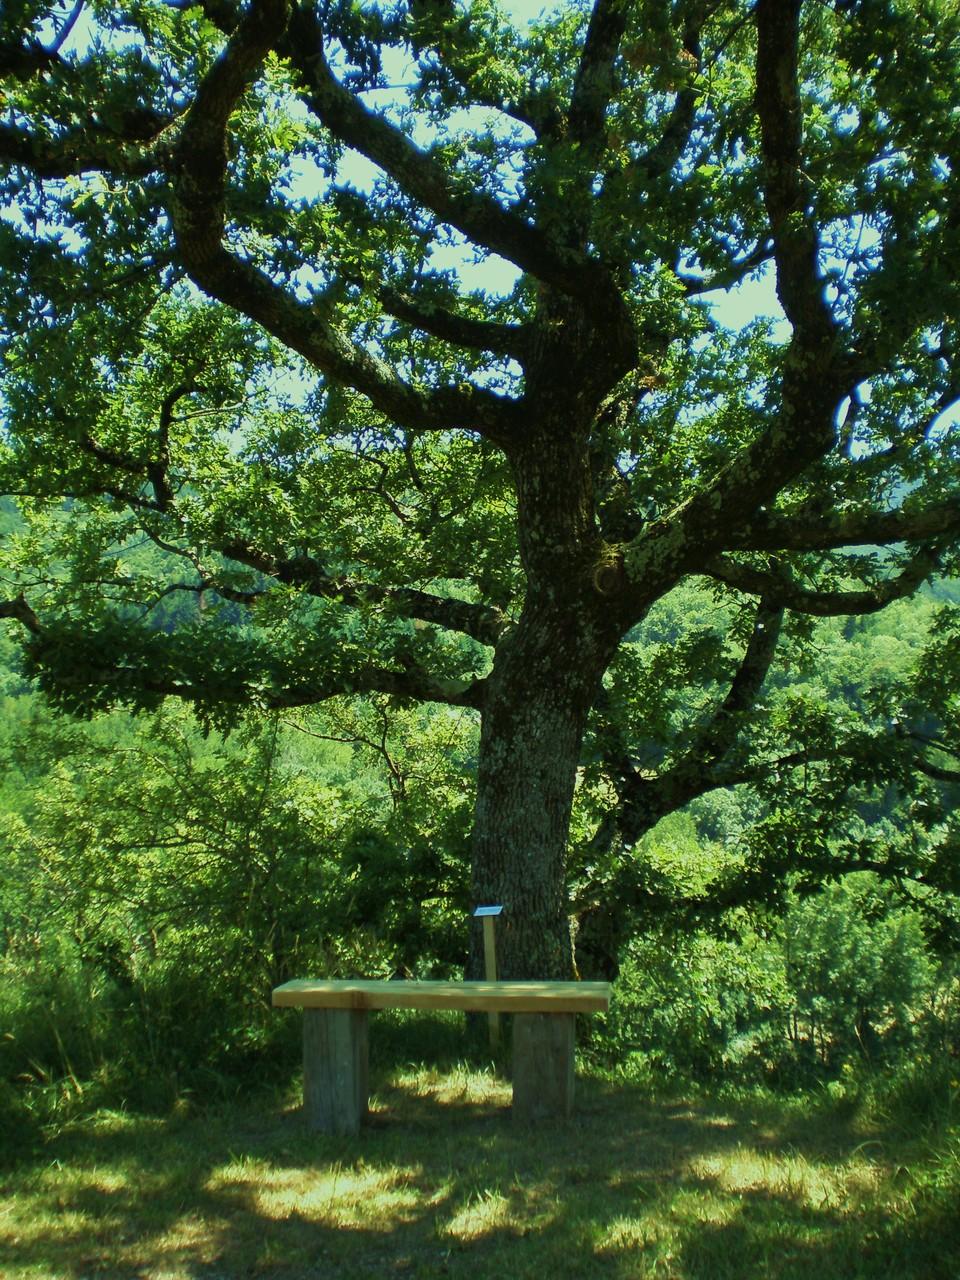 le banc sous le chêne